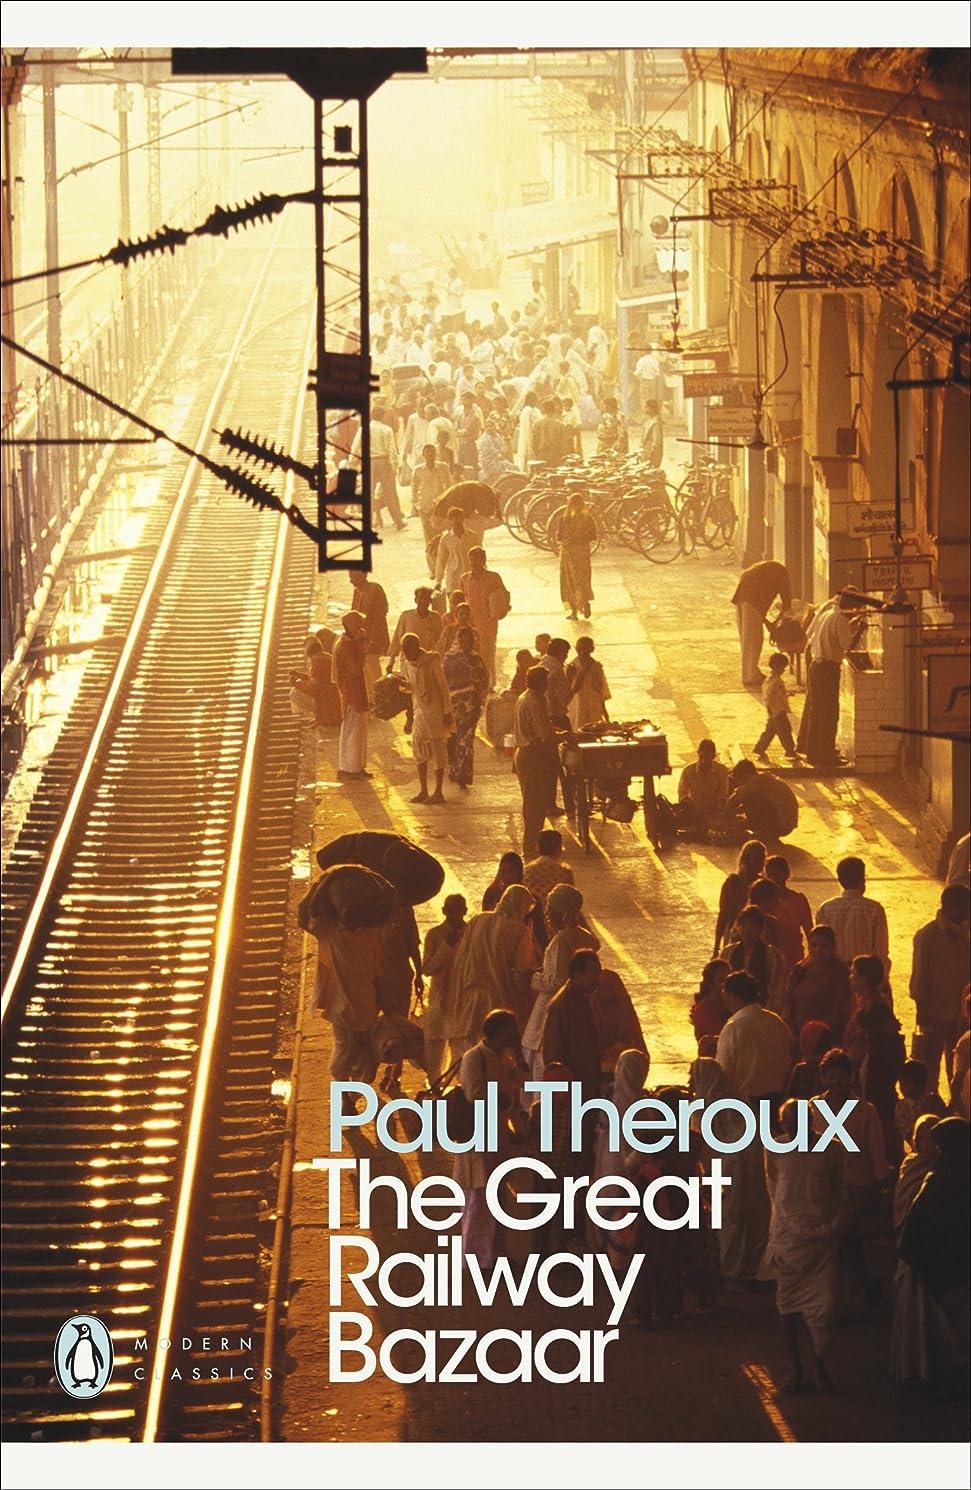 土砂降り花瓶防腐剤The Great Railway Bazaar: By Train Through Asia (Penguin Modern Classics) (English Edition)